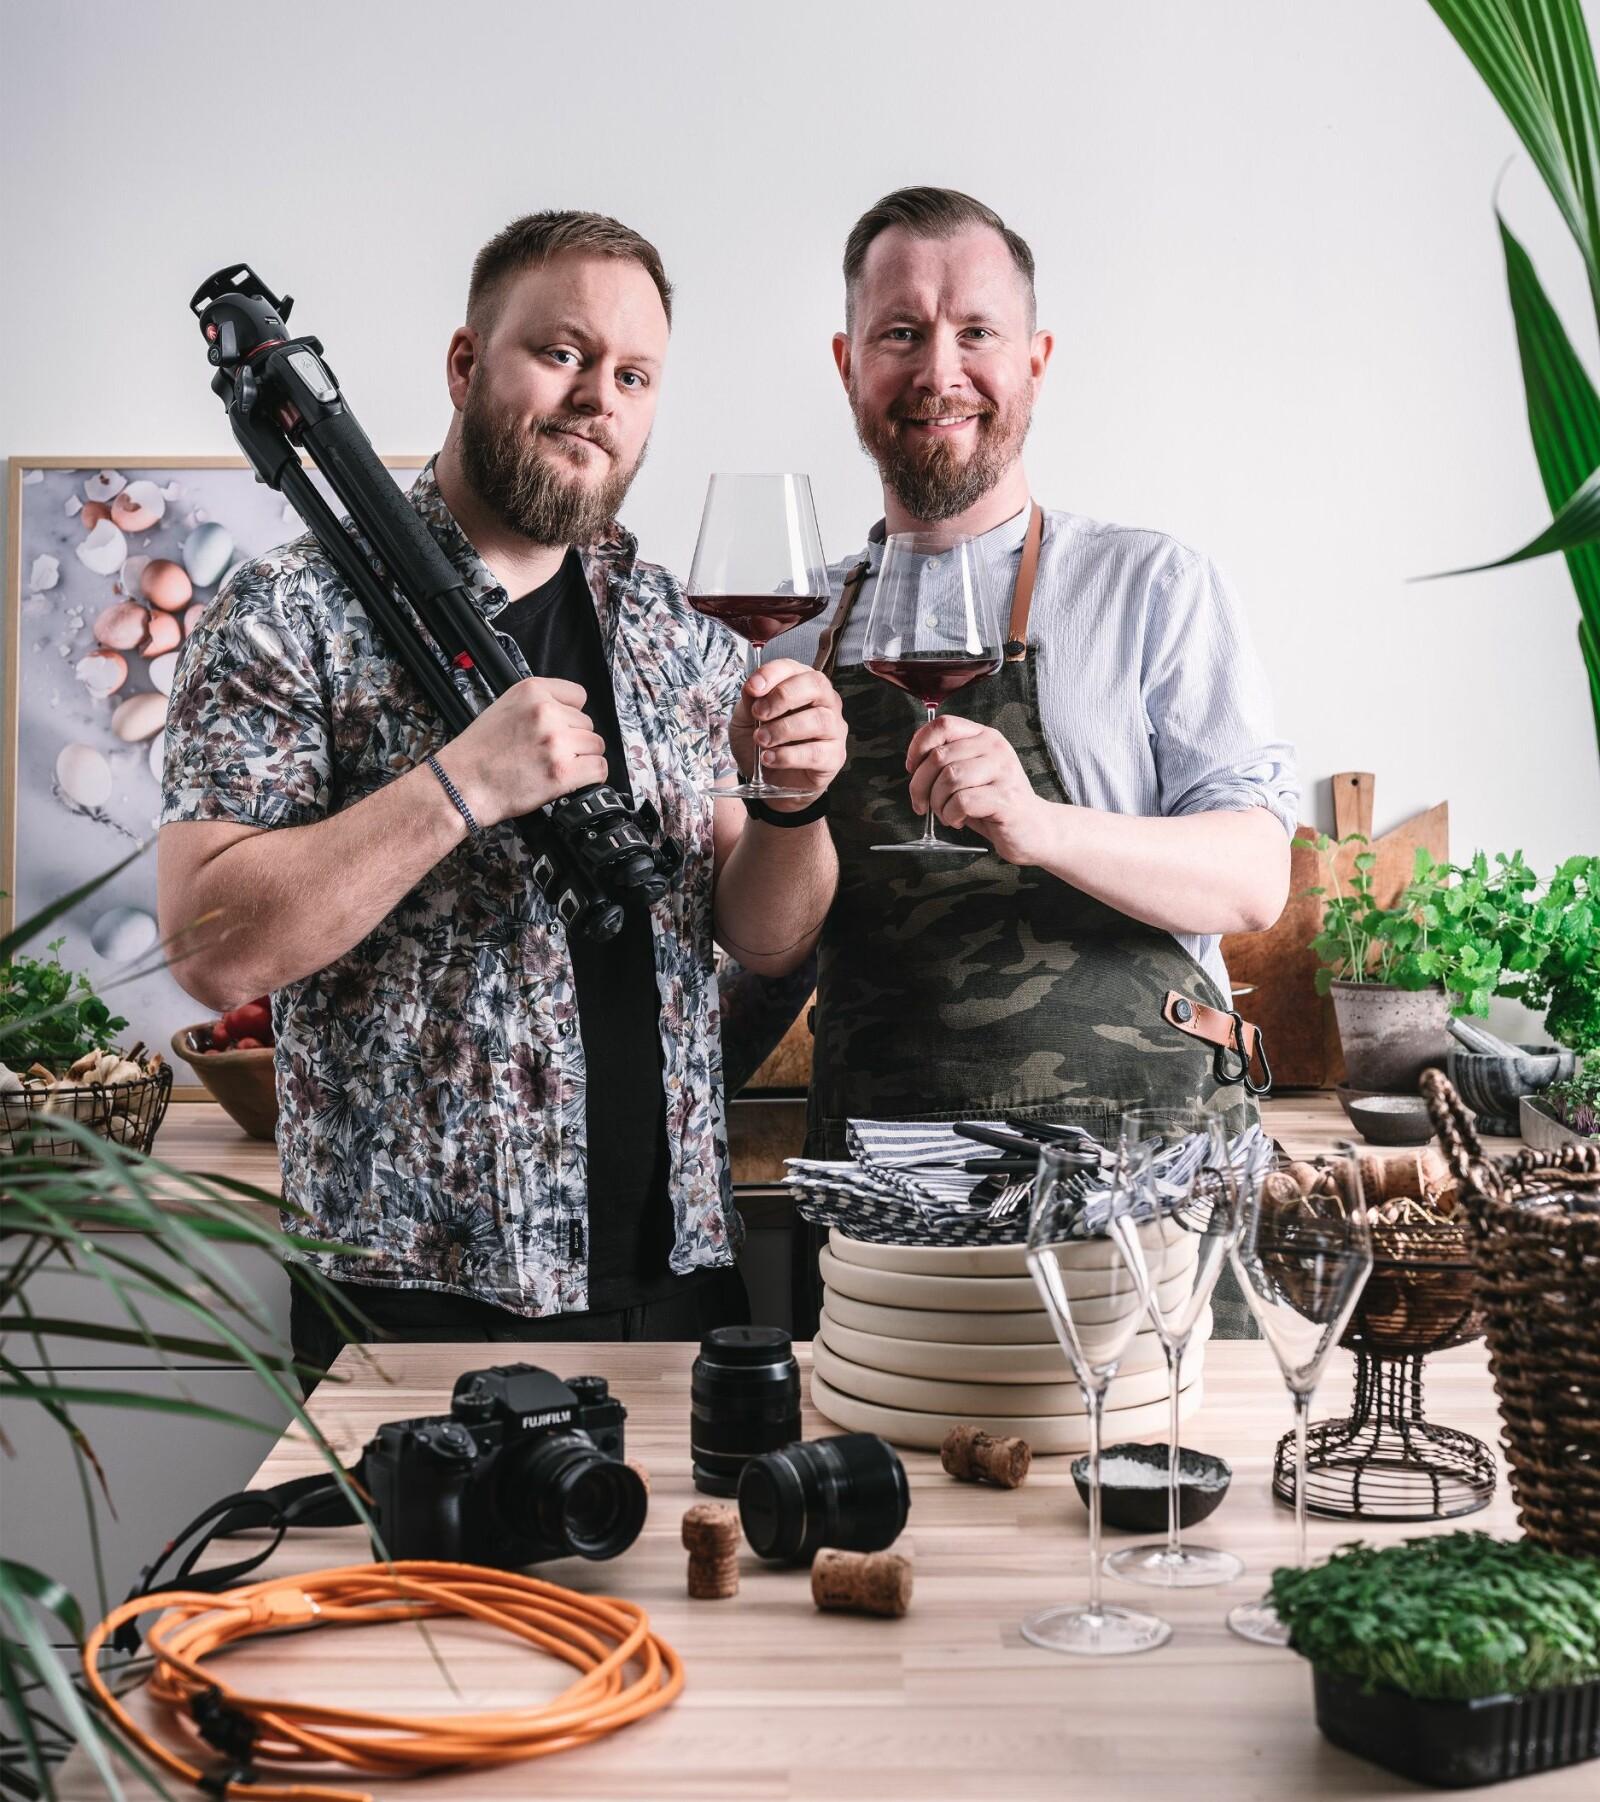 Samboerparet Mats Dreyer og Jan Ivar Nykvist som har gitt ut flere kokebøker sammen, driver også fotostudioet Oktopus der de styler mat og tar bilder av den.